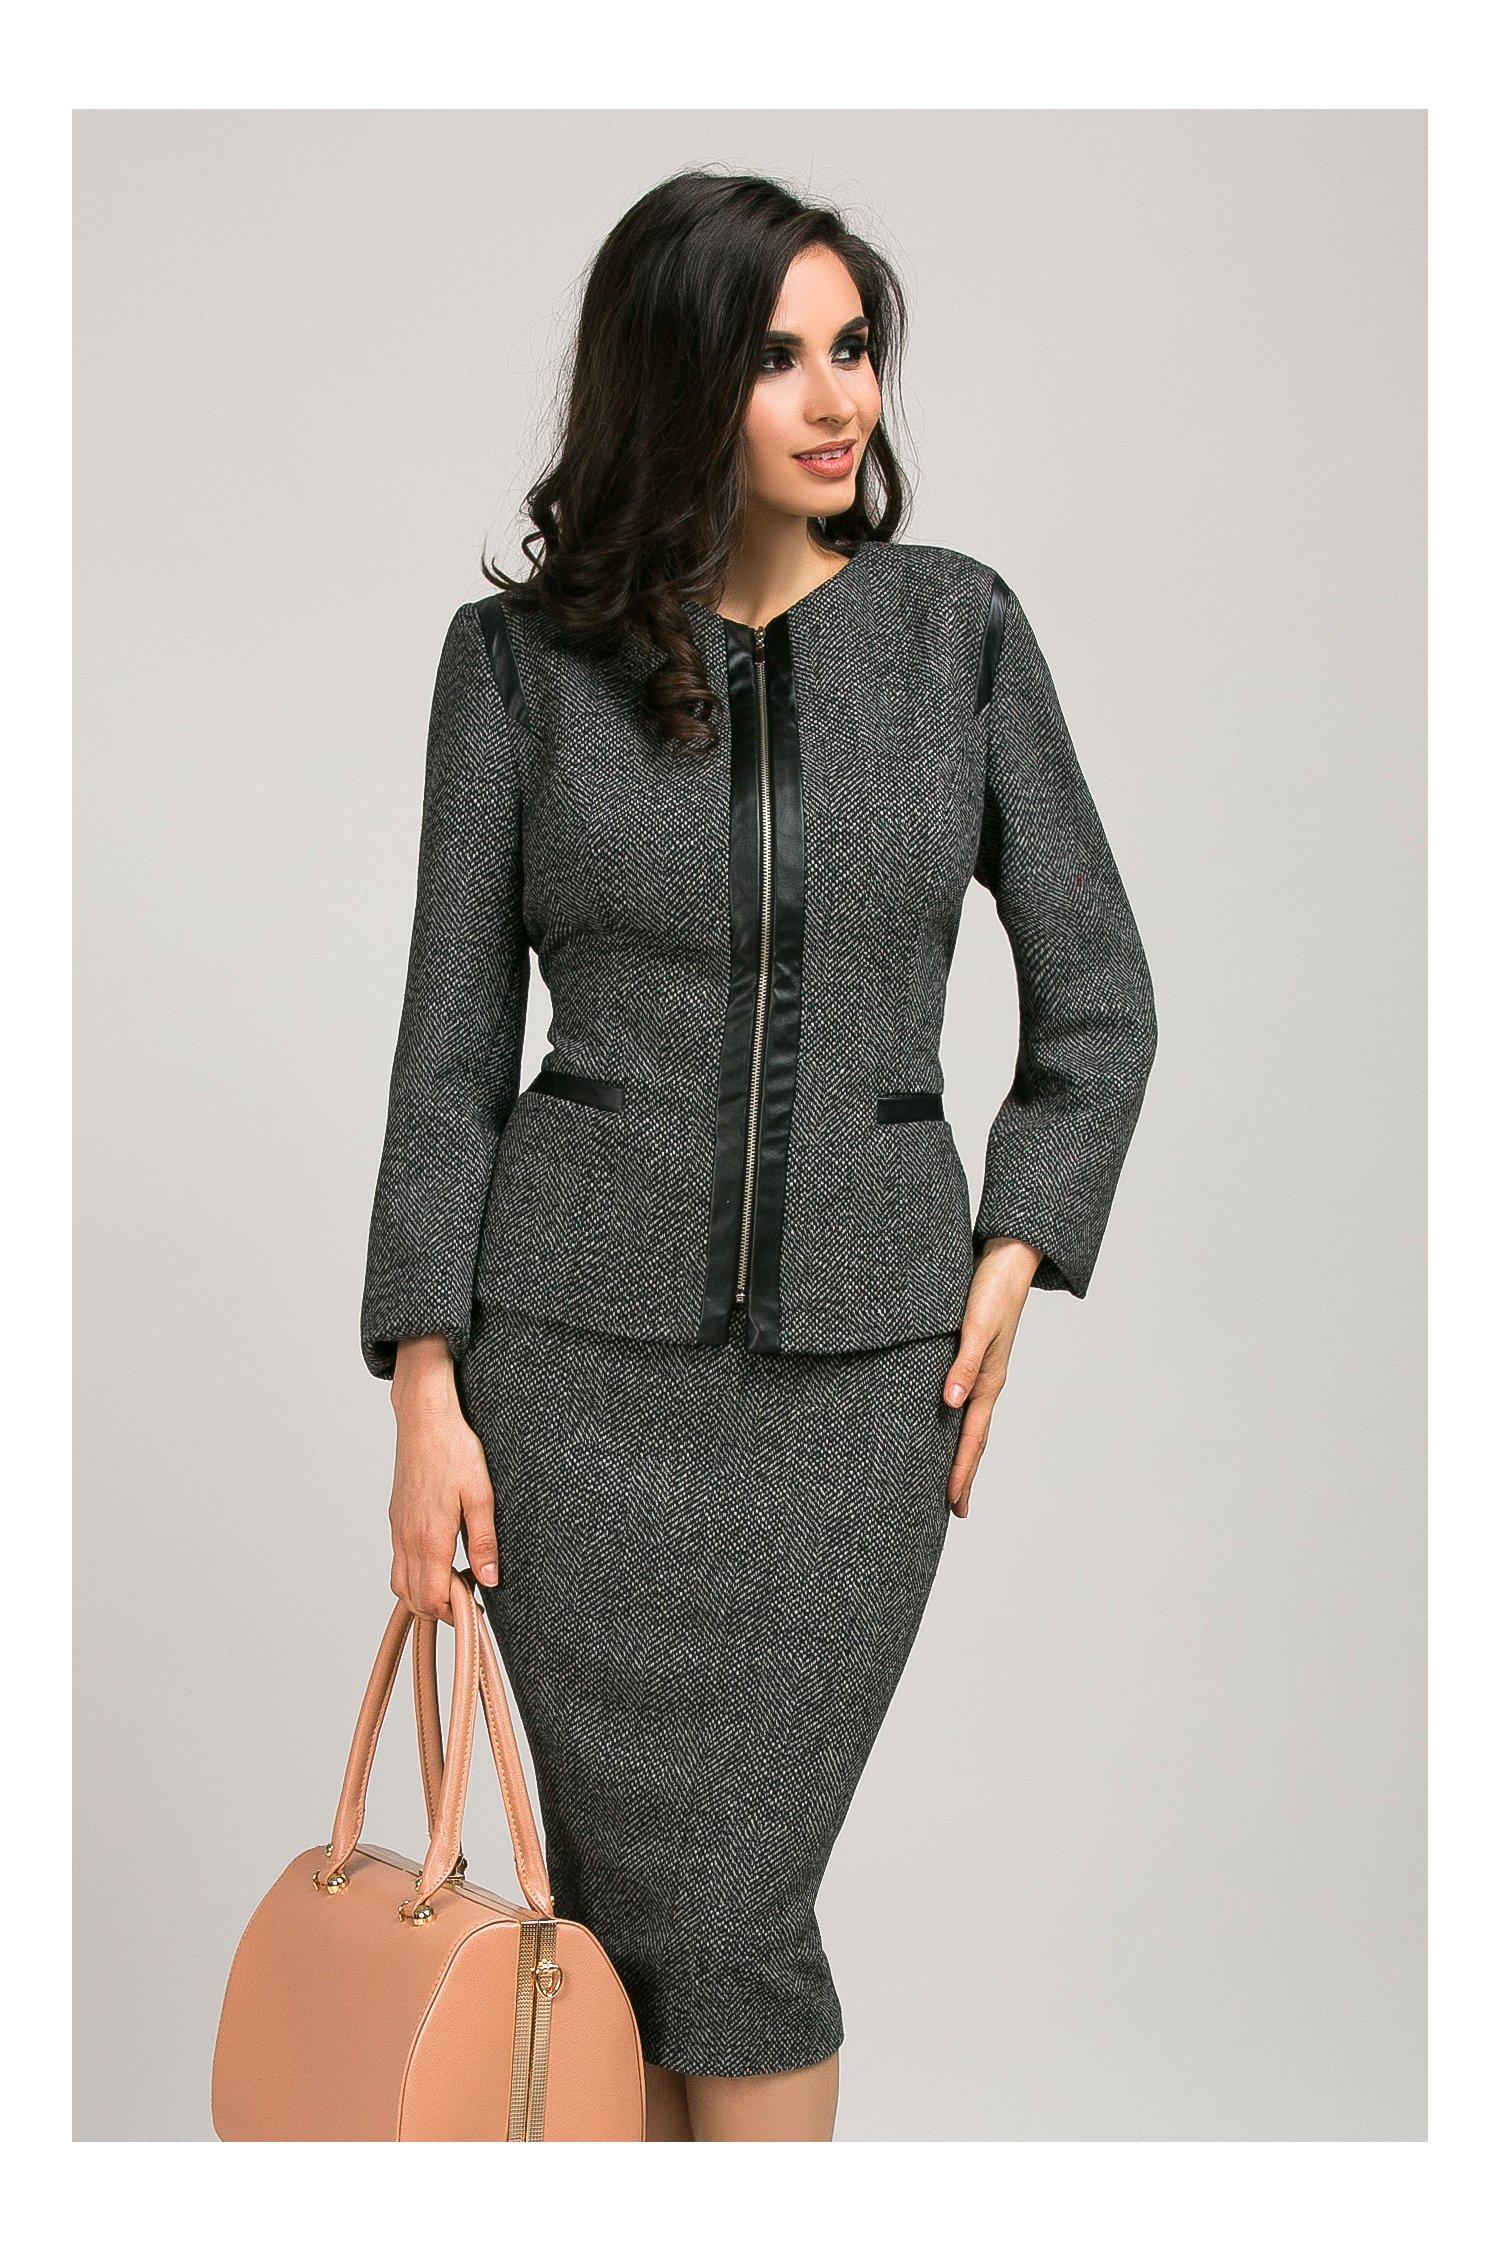 Compleu fusta jacheta gri elegant